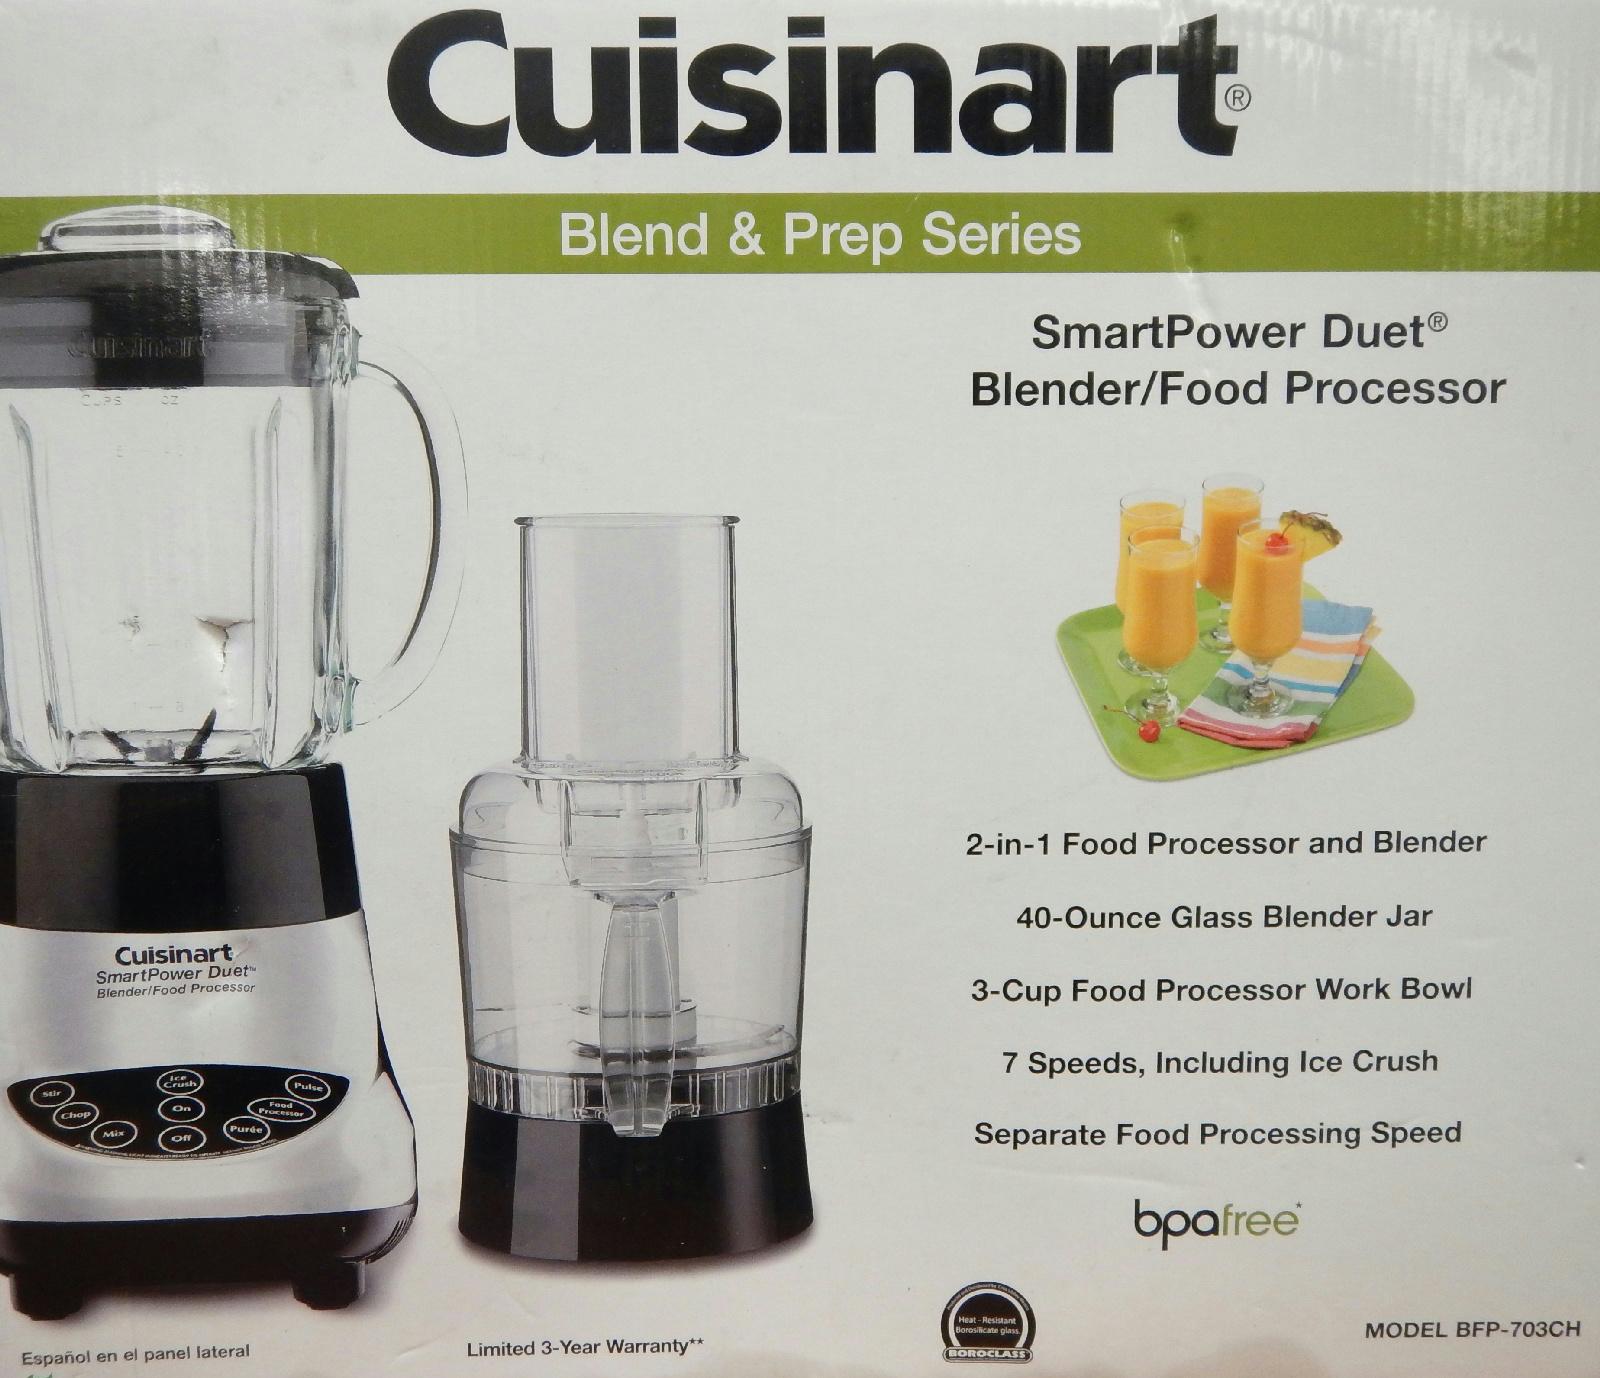 Cuisinart smartpower duet blender and food processor - Cuisinart Bfp 703ch Smartpower Duet Blender Food Processor Chrome